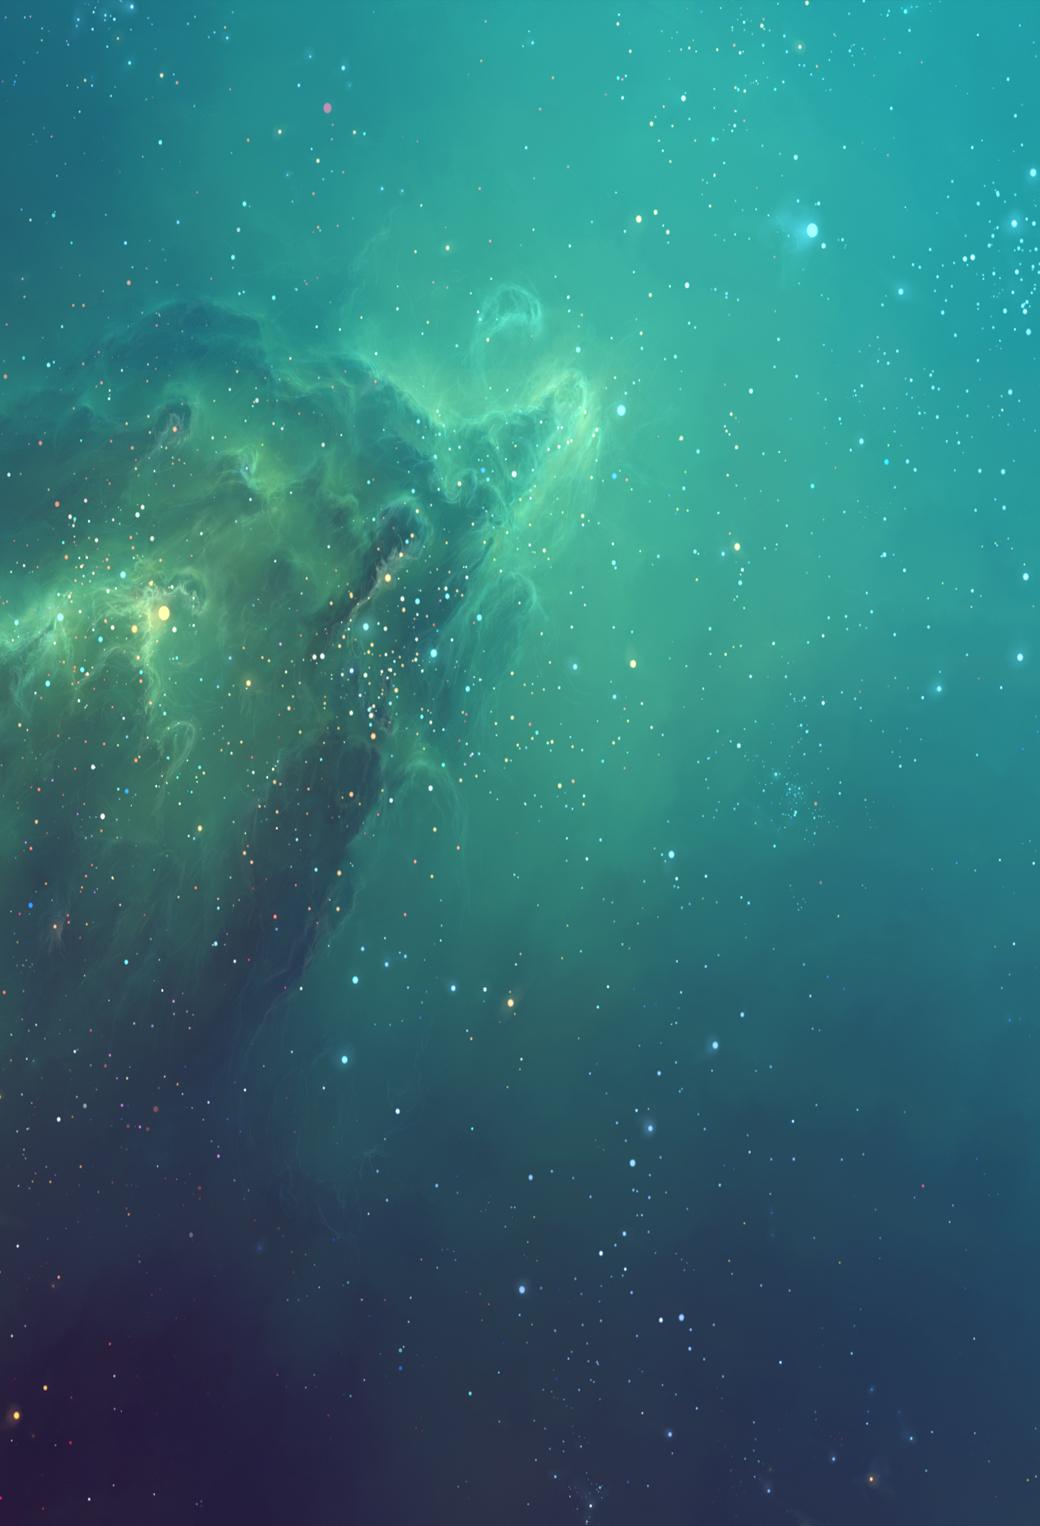 ios 7 nebula wallpaper hd - photo #8